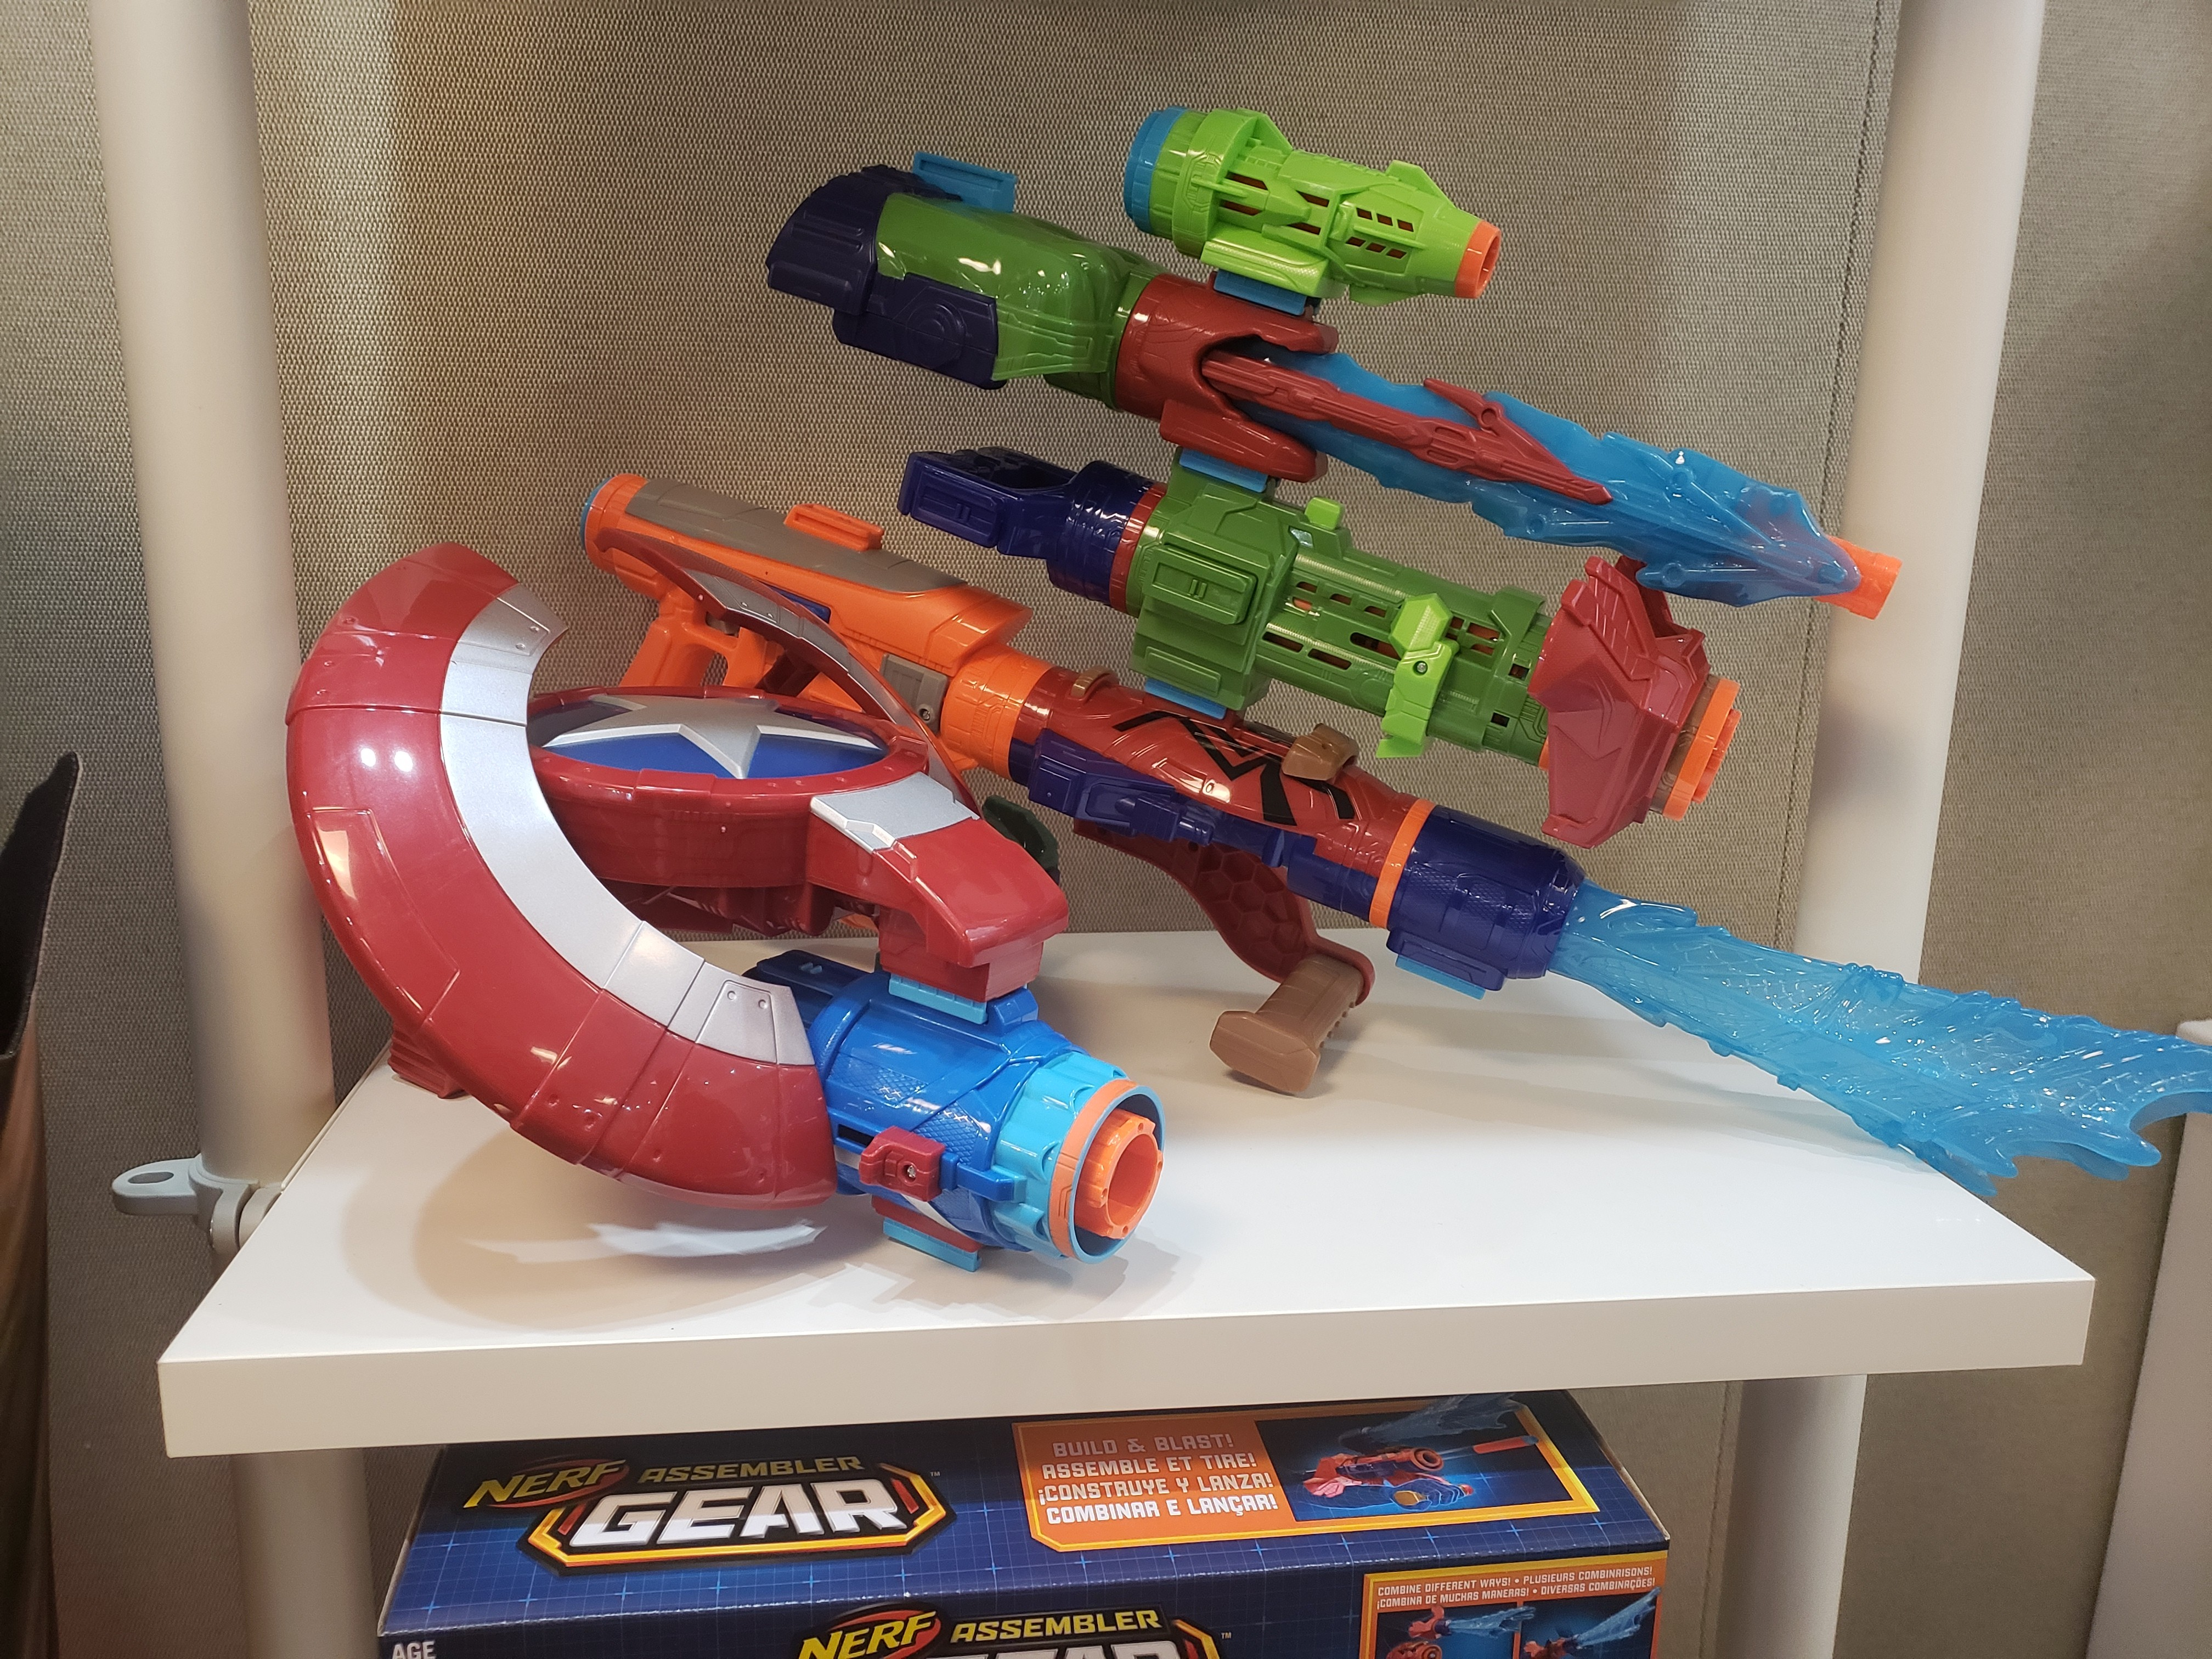 Avengers Infinity War Assemblers Gear NERF blasters